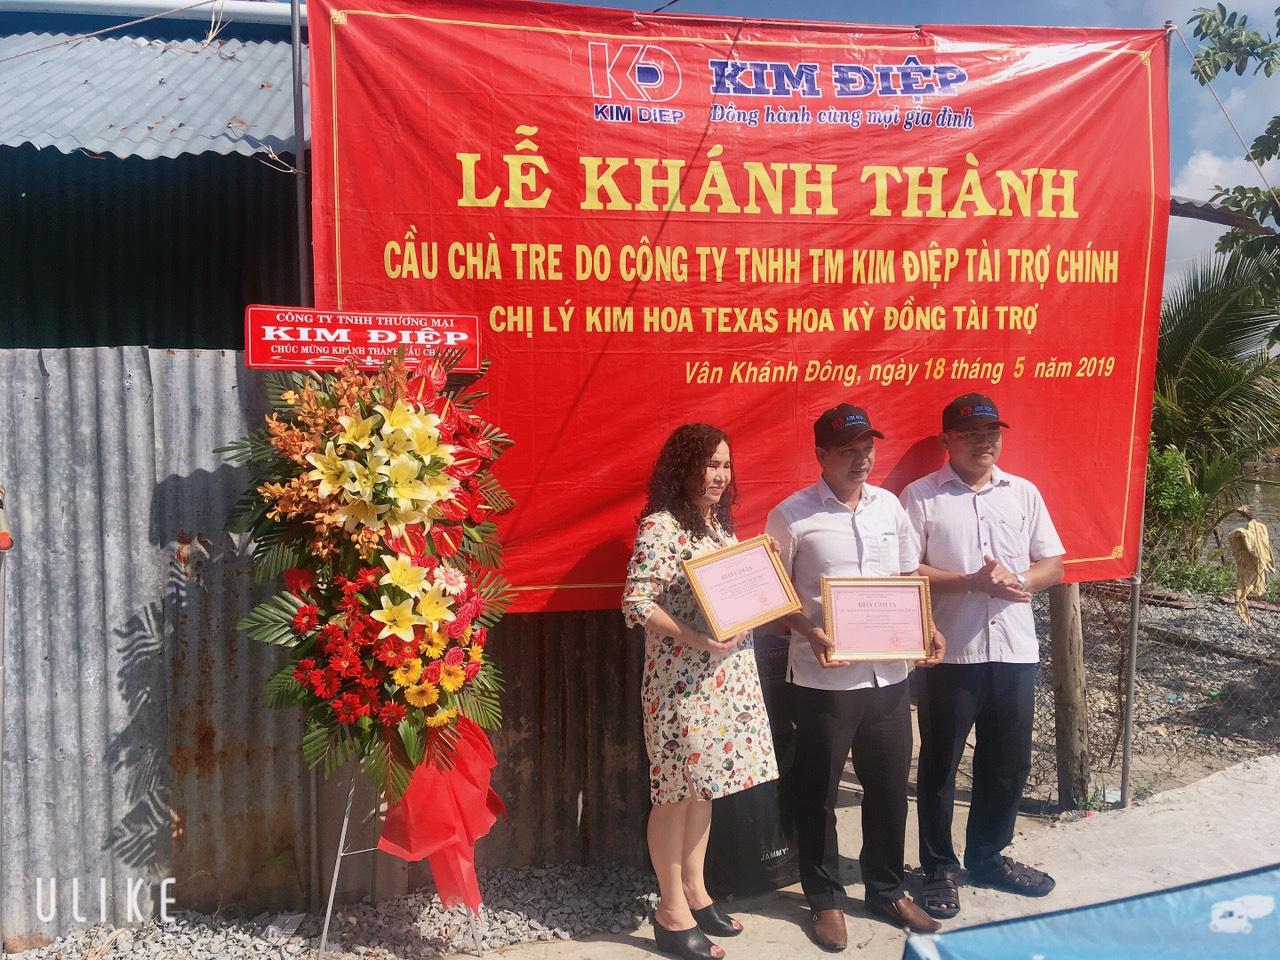 Công ty Kim Điệp khánh thành cầu Trà Treo tại huyện An Minh